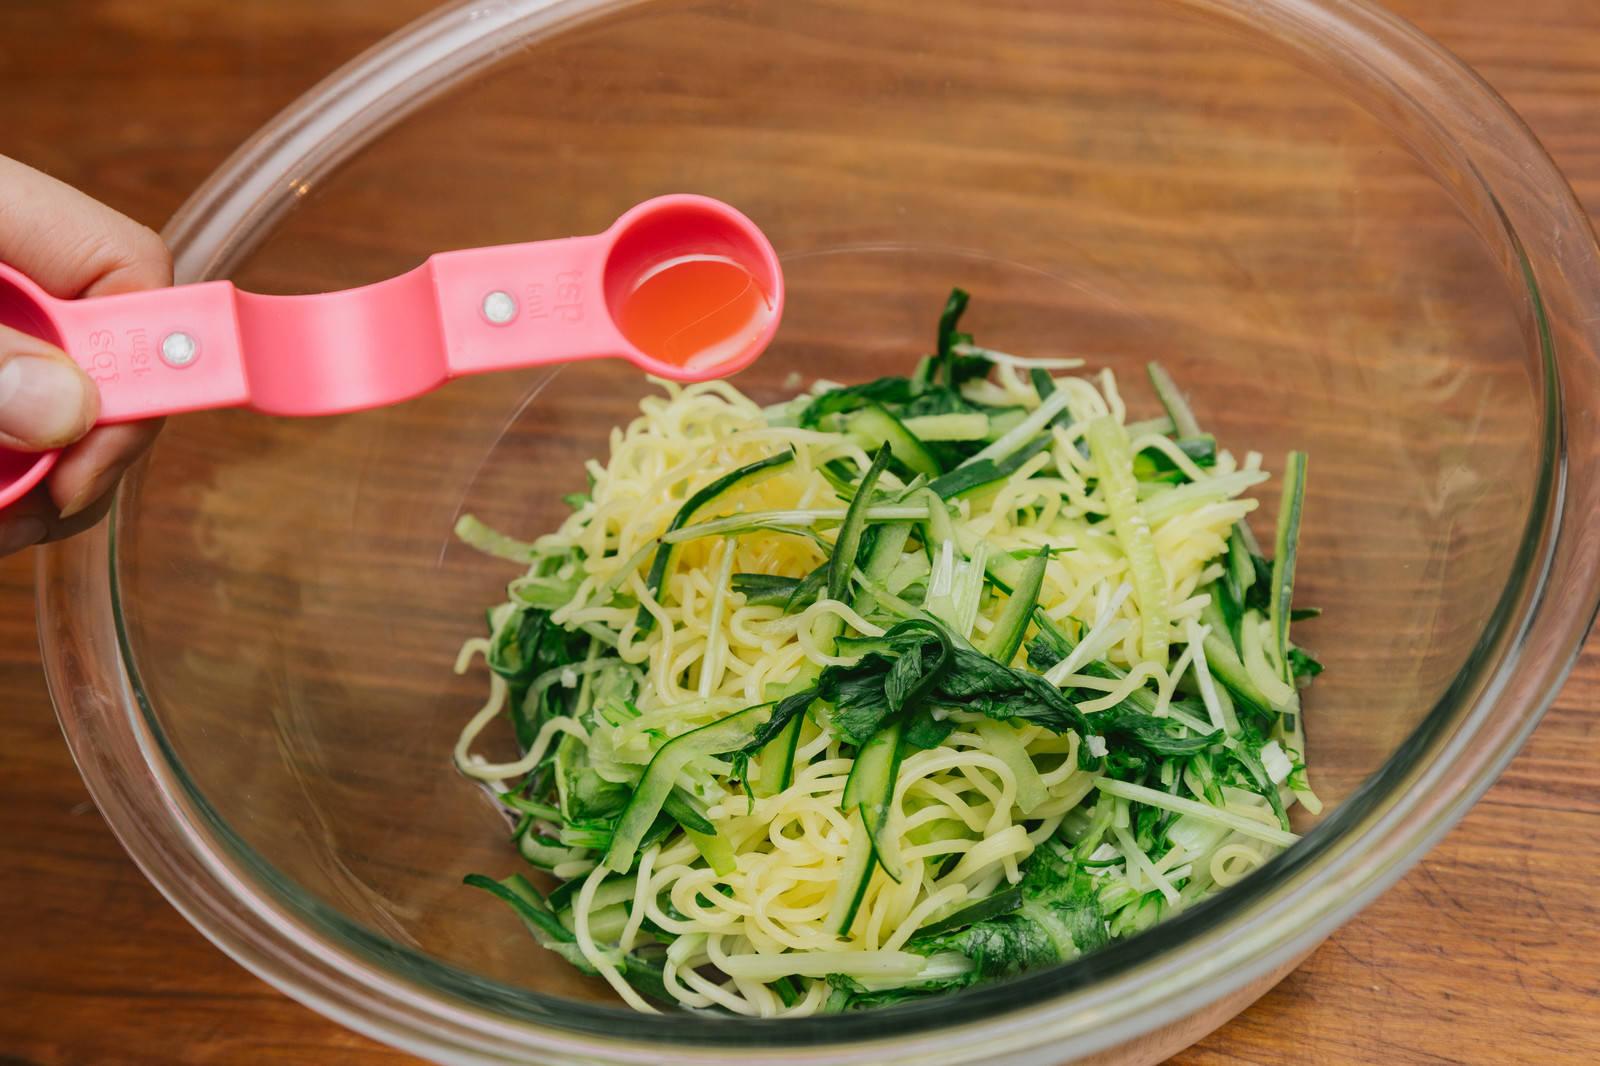 「中華蒸し麺、きゅうり(100g)、水菜(100g)を加熱したらごま油を和える」の写真